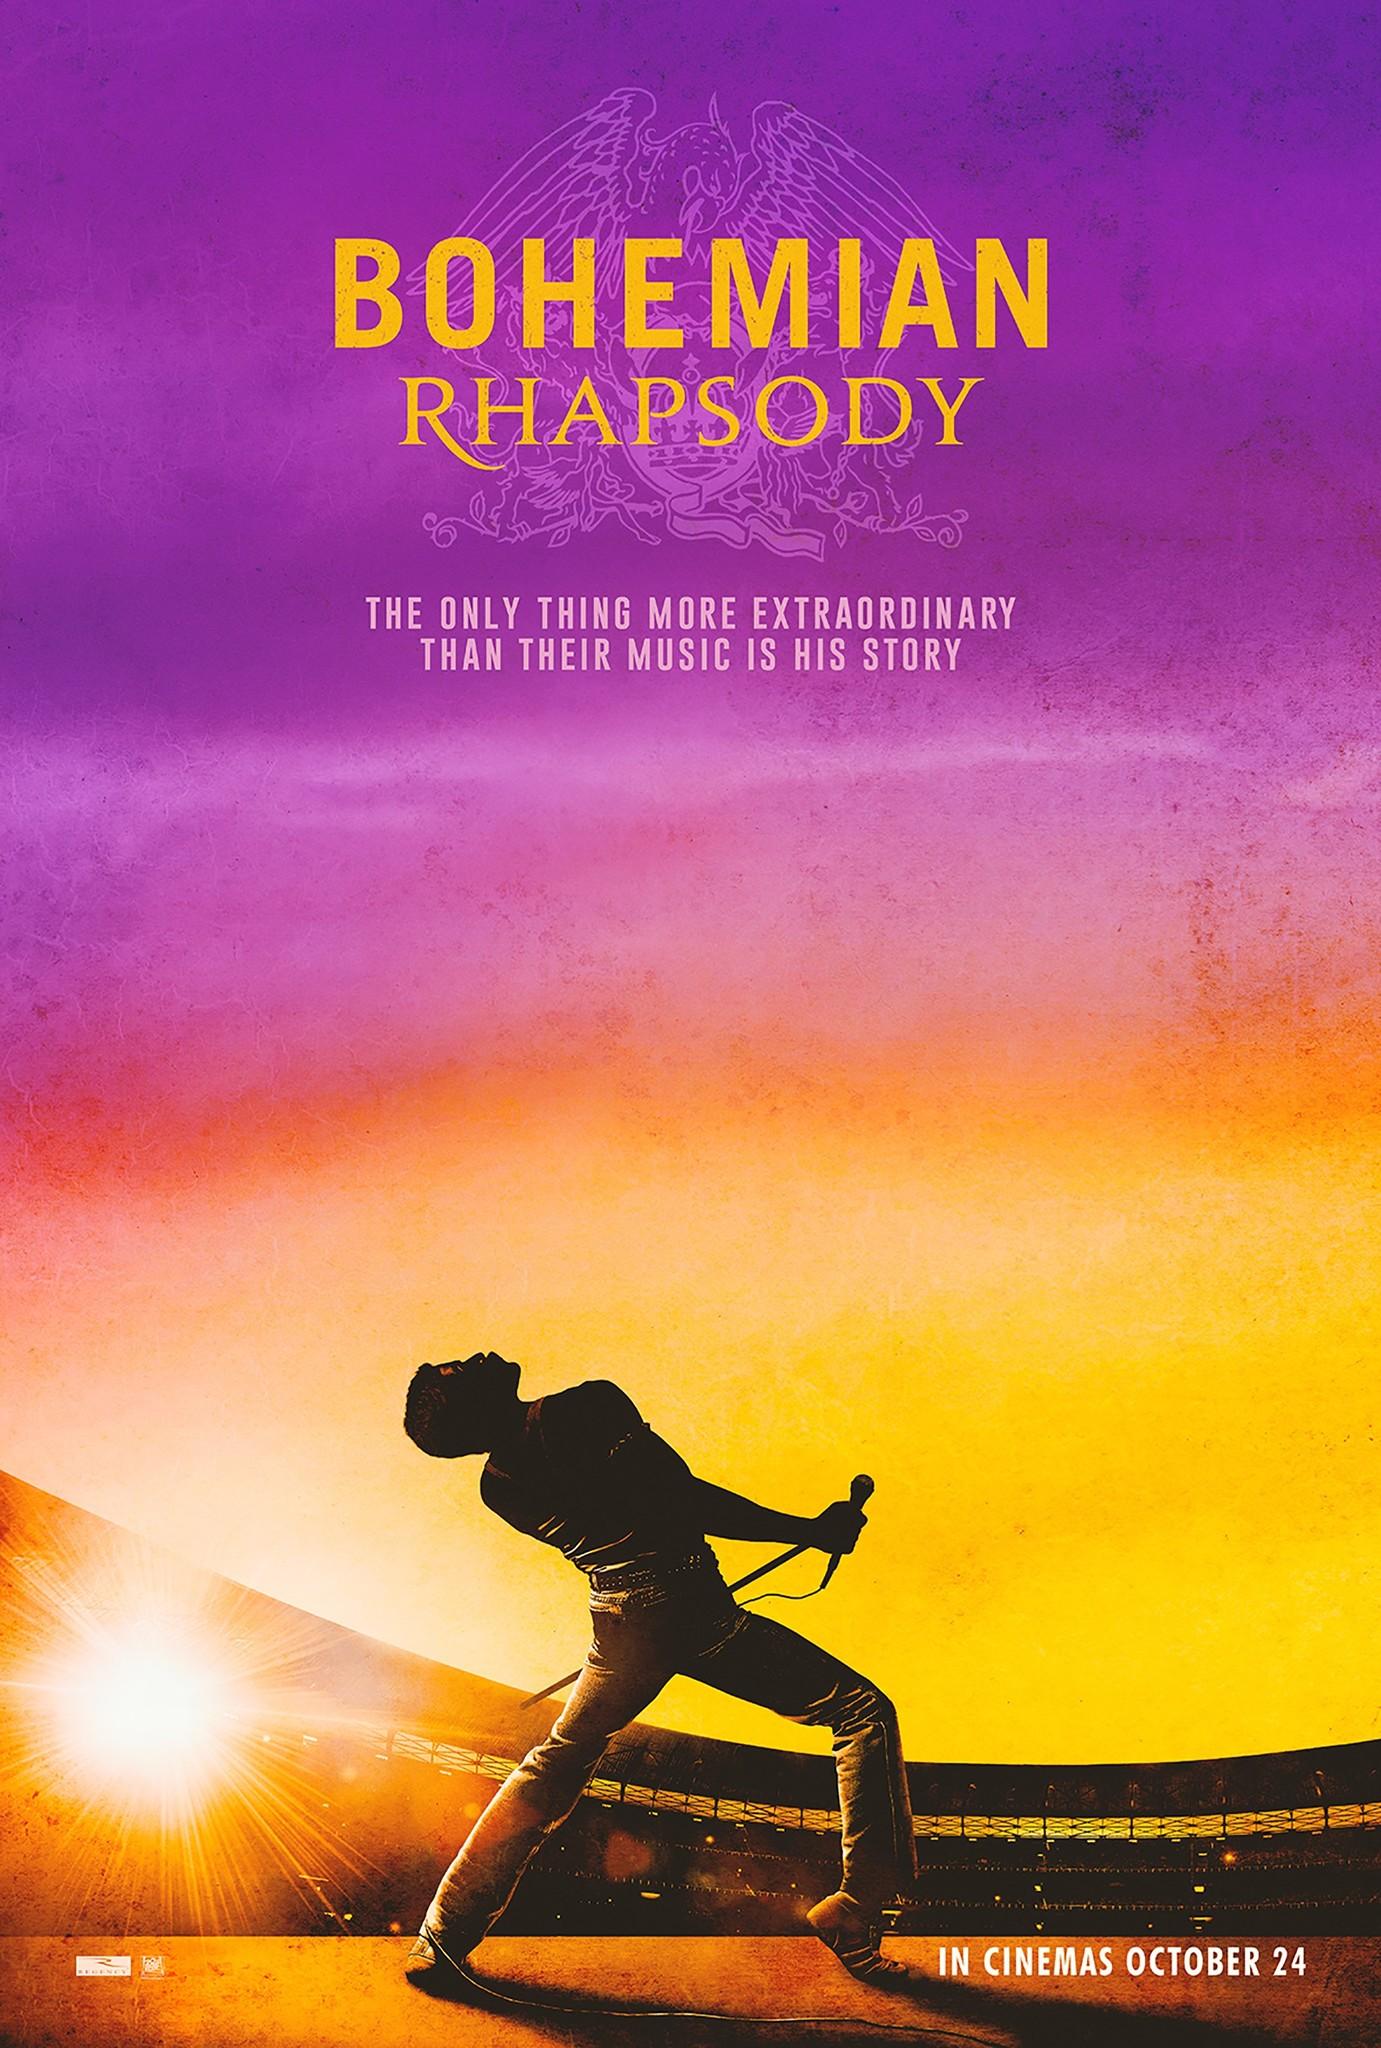 Bohemian Rhapsody  Source: IMDb